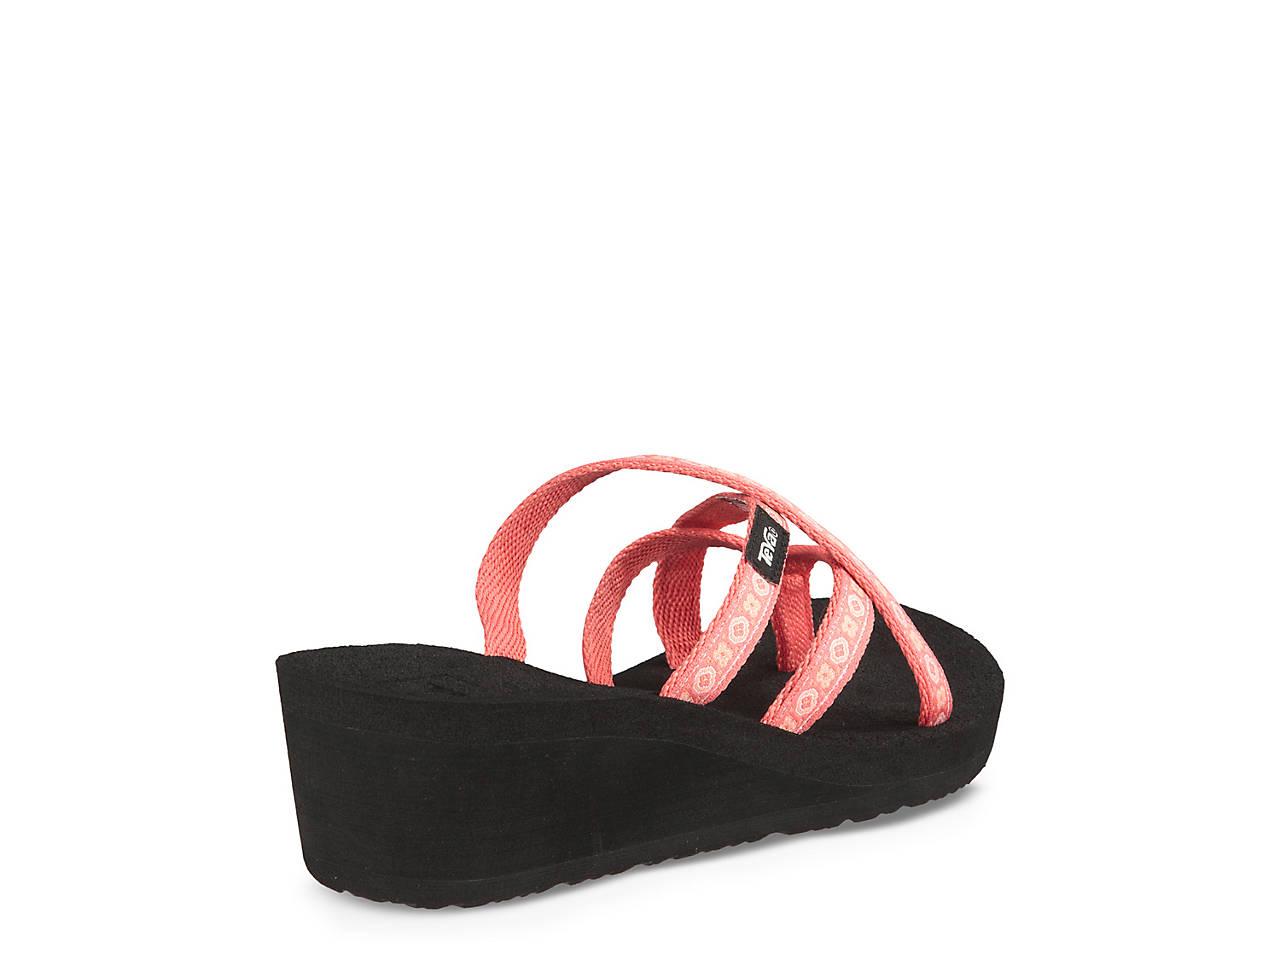 e0d1d7ded Teva Mush Mandalyn Ola II Wedge Flip Flop Women s Shoes